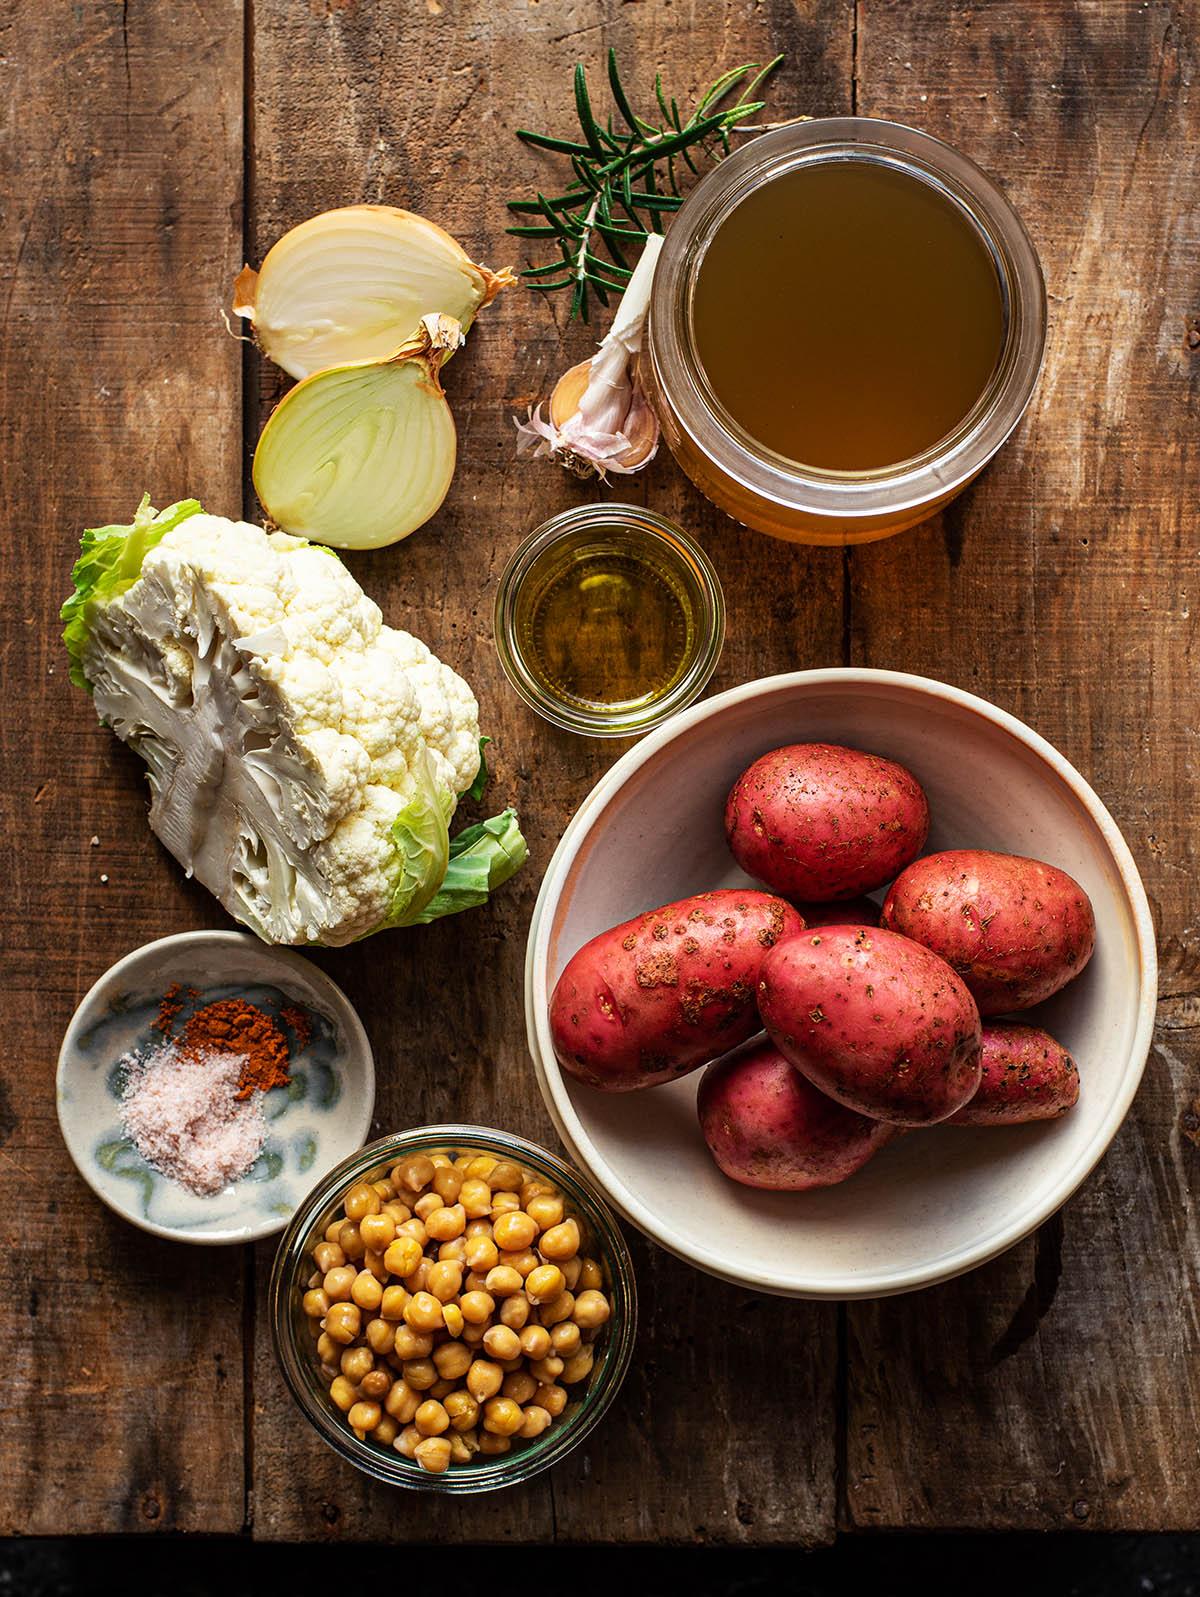 Cauliflower potato soup ingredients on a wooden board.